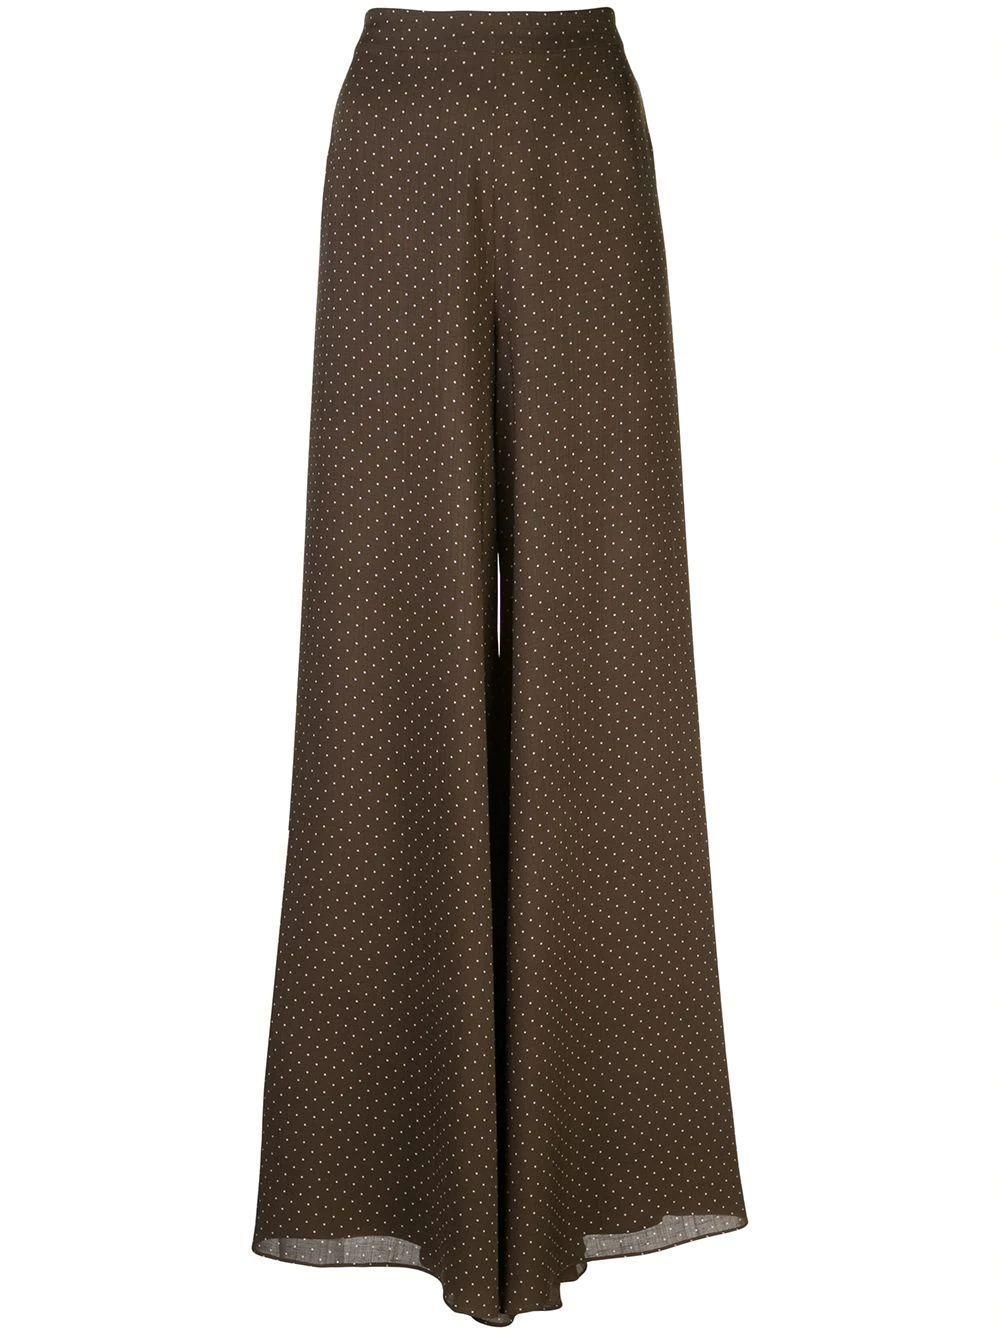 Antonin Linen Polka Dot HW Wide Leg Pant